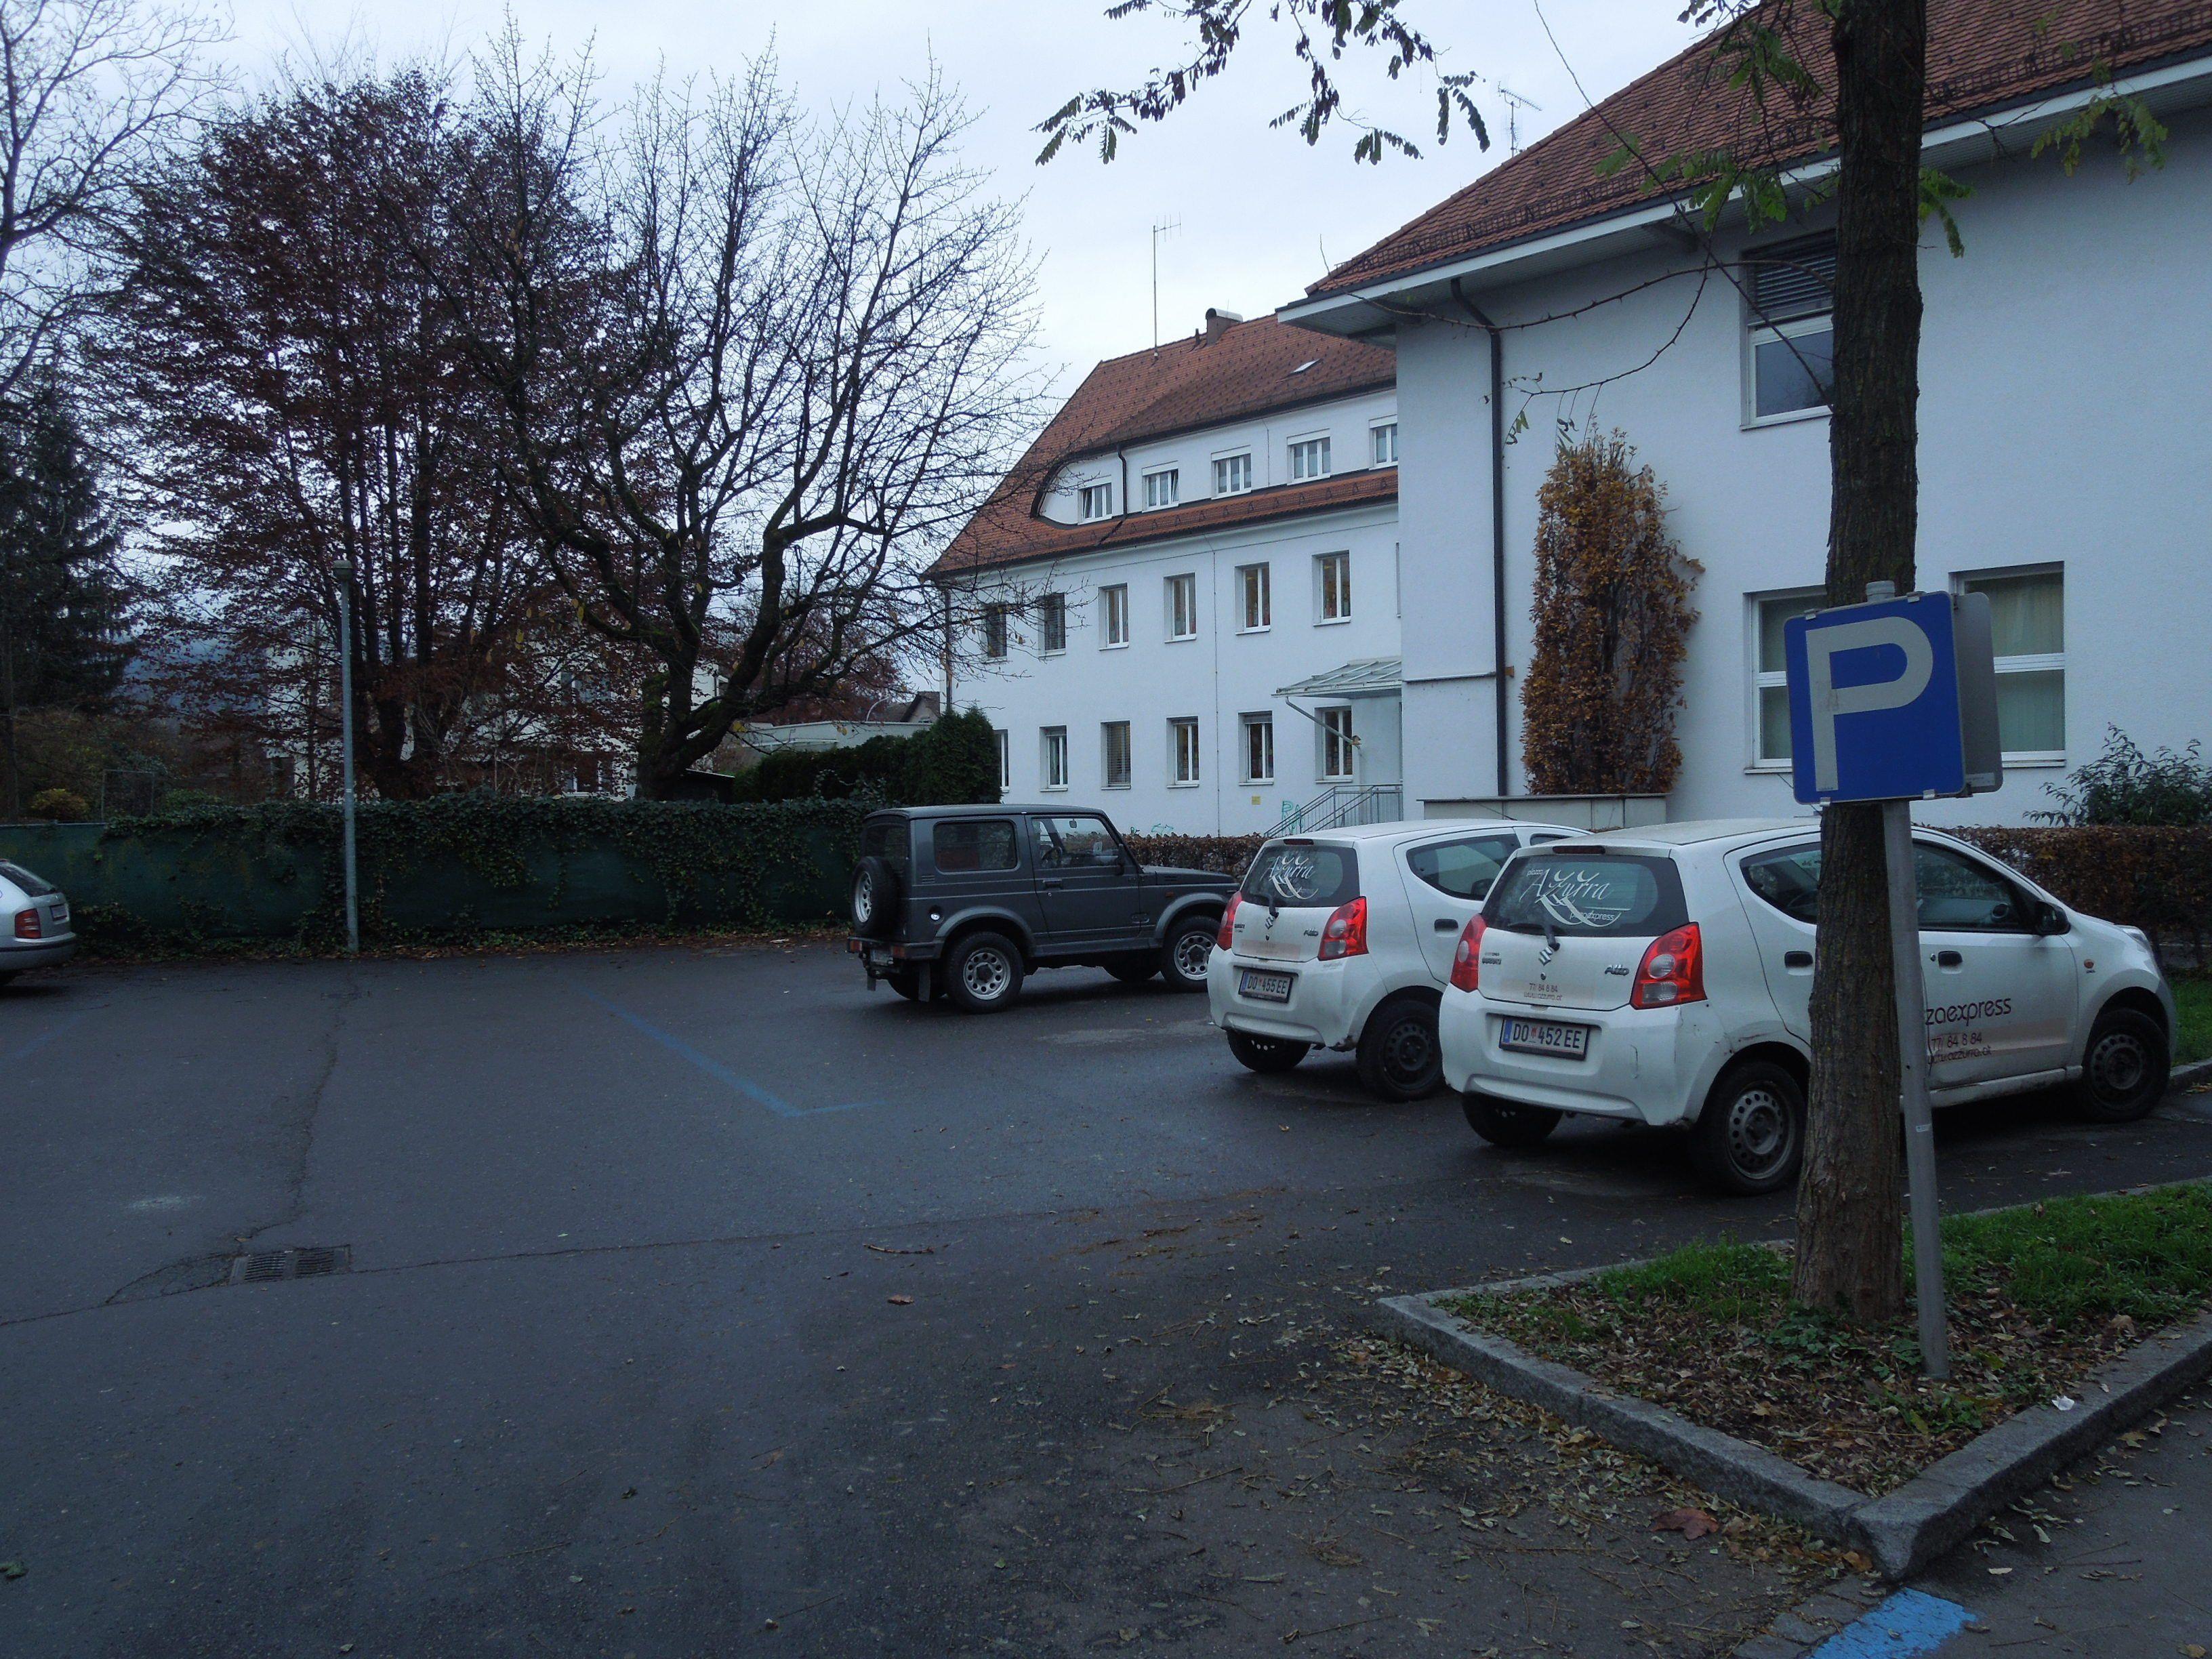 Noch für dieses Jahr ist auf dem Parkplatz beim Postgebäude eine Umgestaltung als Pausenhof geplant.